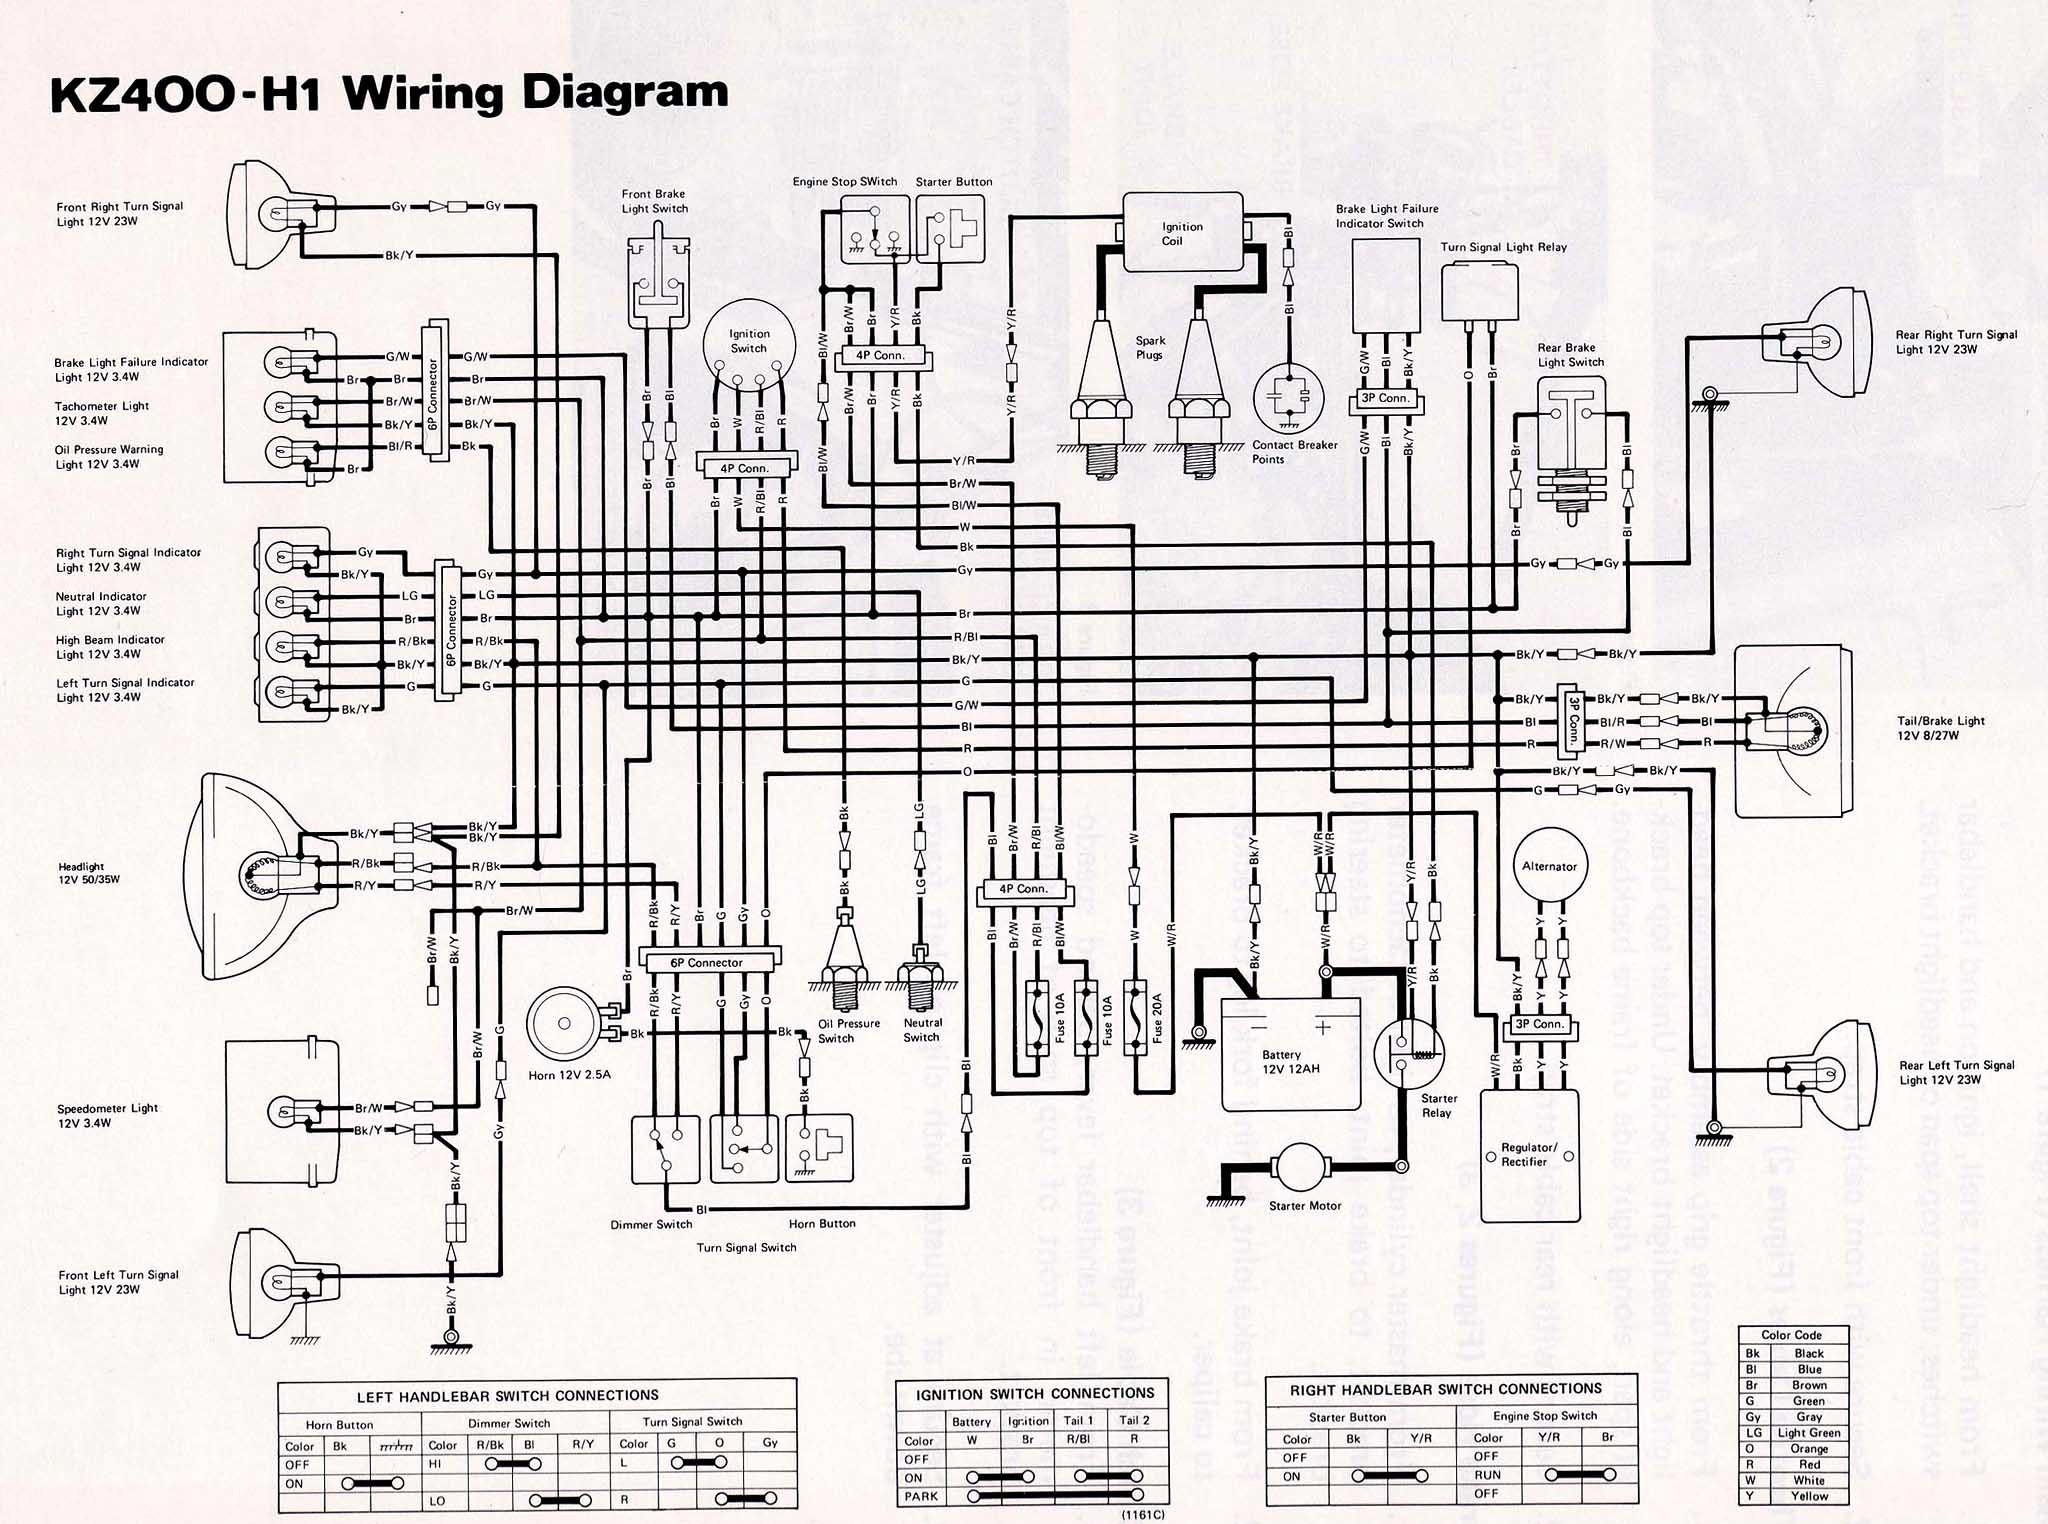 [SCHEMATICS_4ER]  1978 Kz400 Wiring Diagram - 2004 Infiniti G35 Coupe Fuse Box for Wiring  Diagram Schematics | 76 Kz400 Wiring Diagram |  | Wiring Diagram Schematics